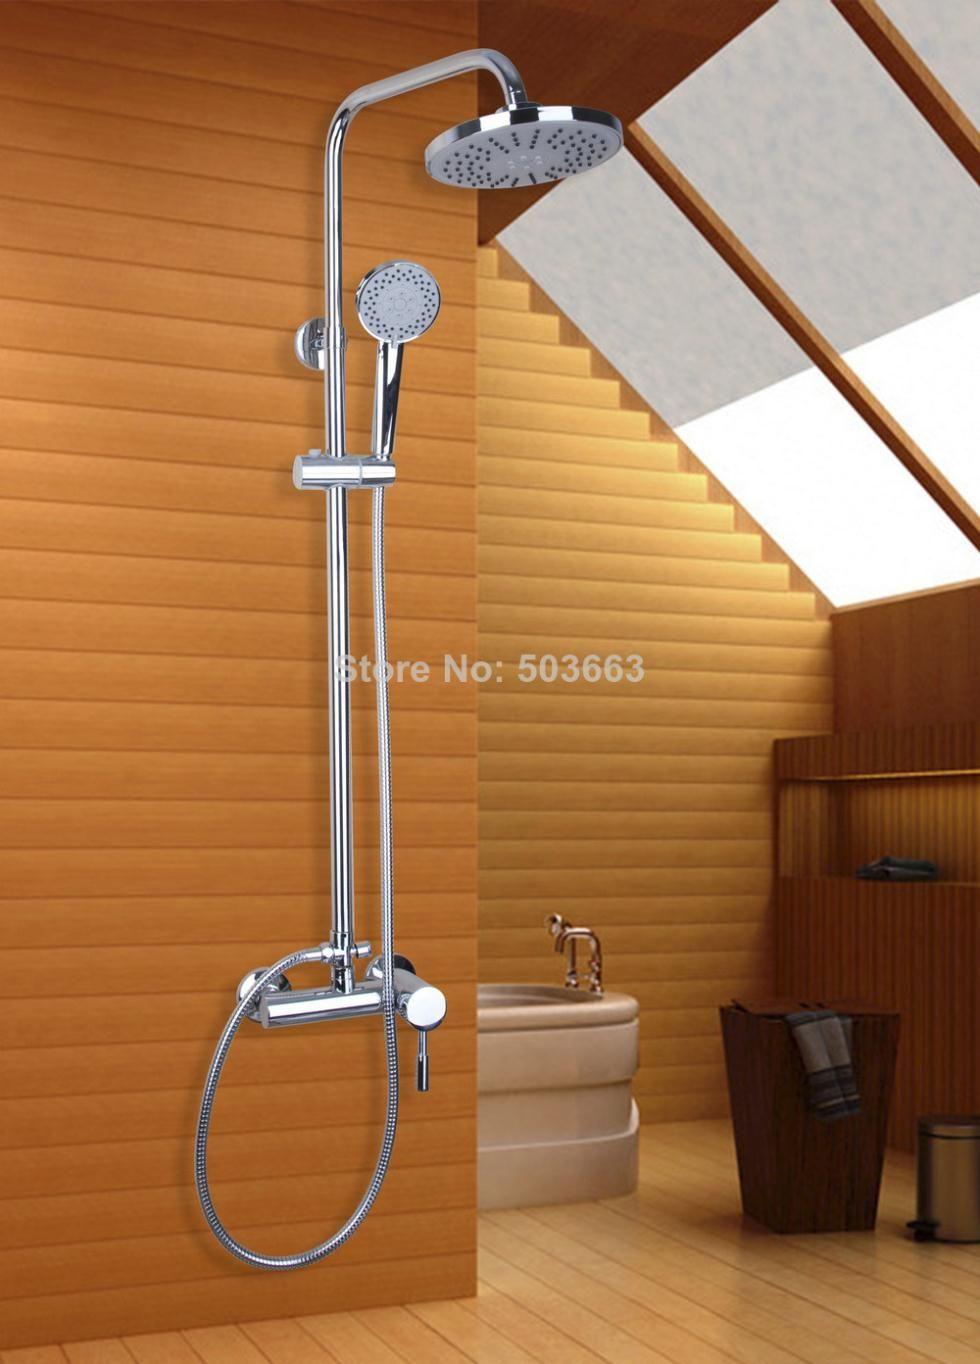 Torayvino Brass Chrome ABS Nozzle Round Shower head Slide Bar Hand ...